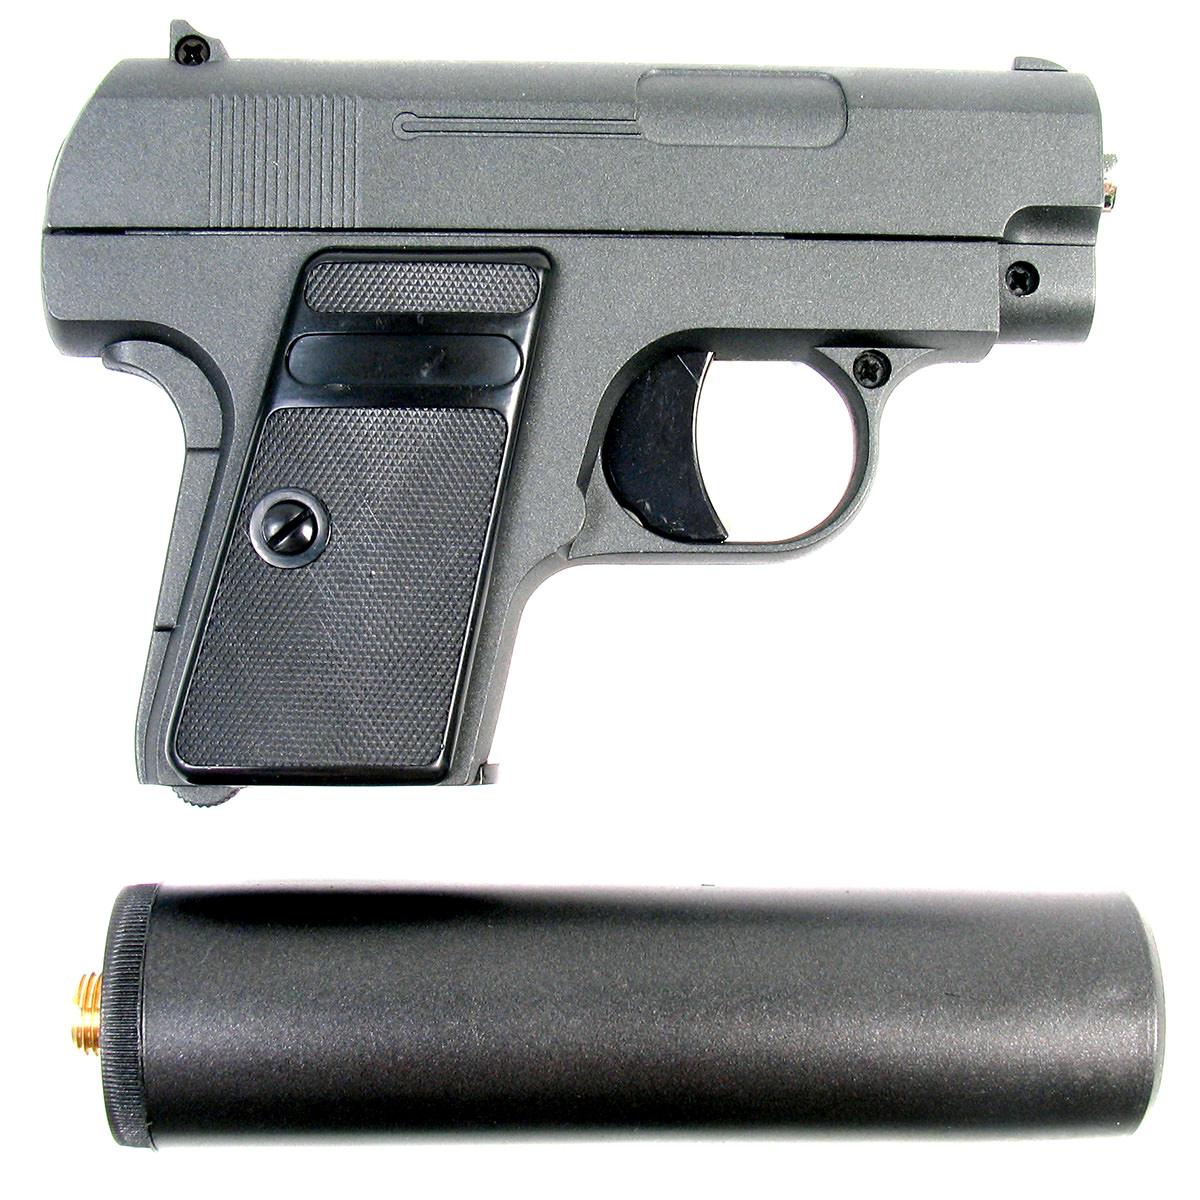 Пистолет страйкбольный Galaxy G.9A, пружинный, 6 мм страйкбольный пистолет galaxy g 19 walther p99